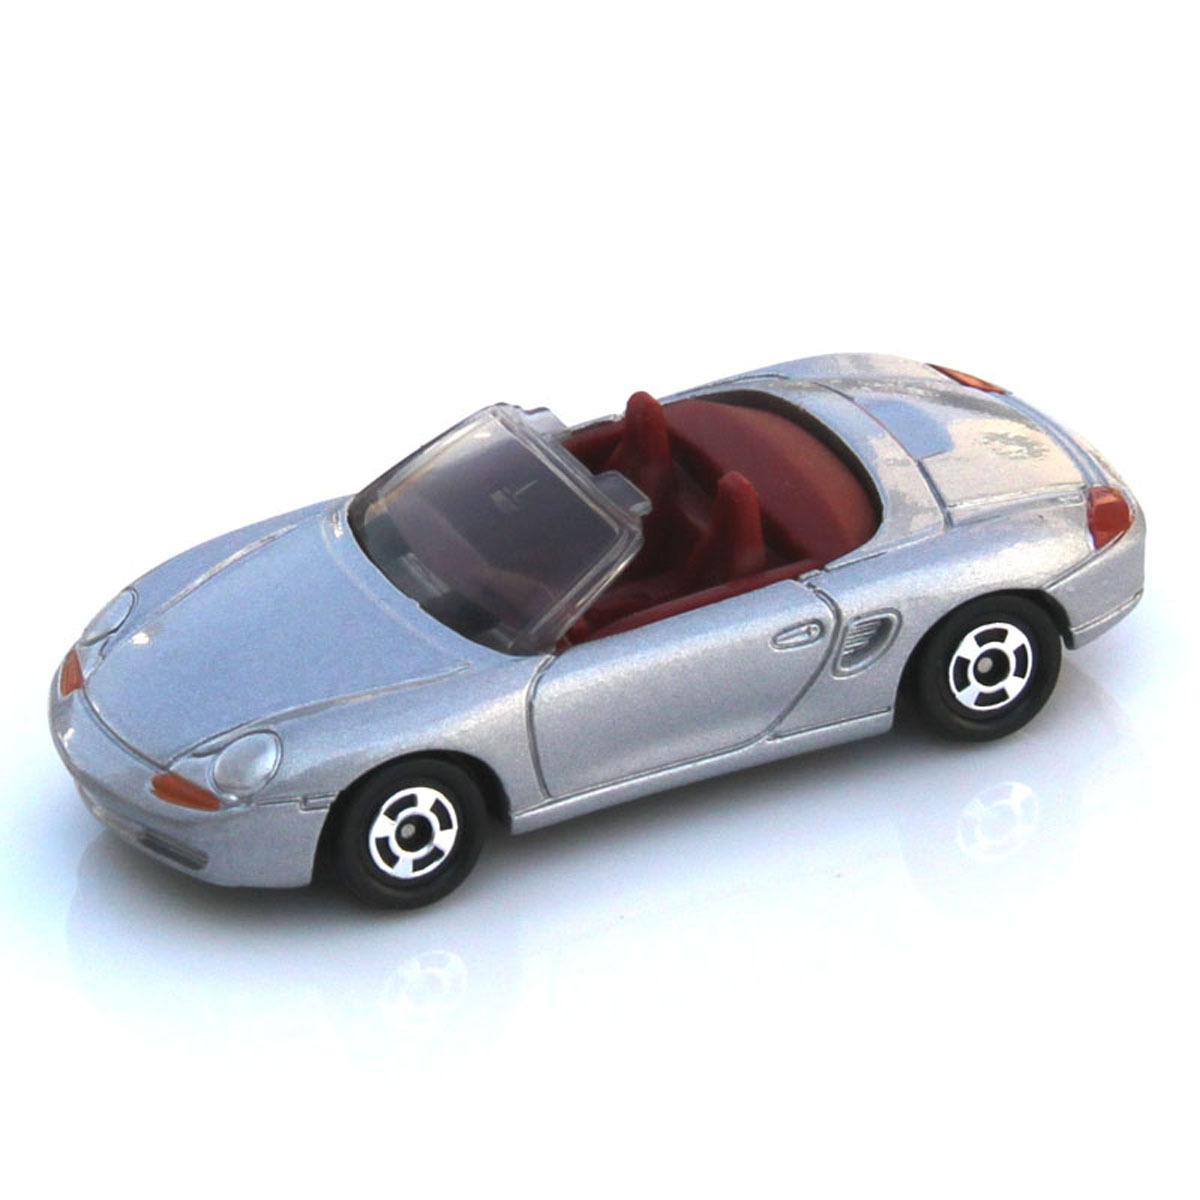 Mô hình 91 xe Porsche Boxster Tomy 563440